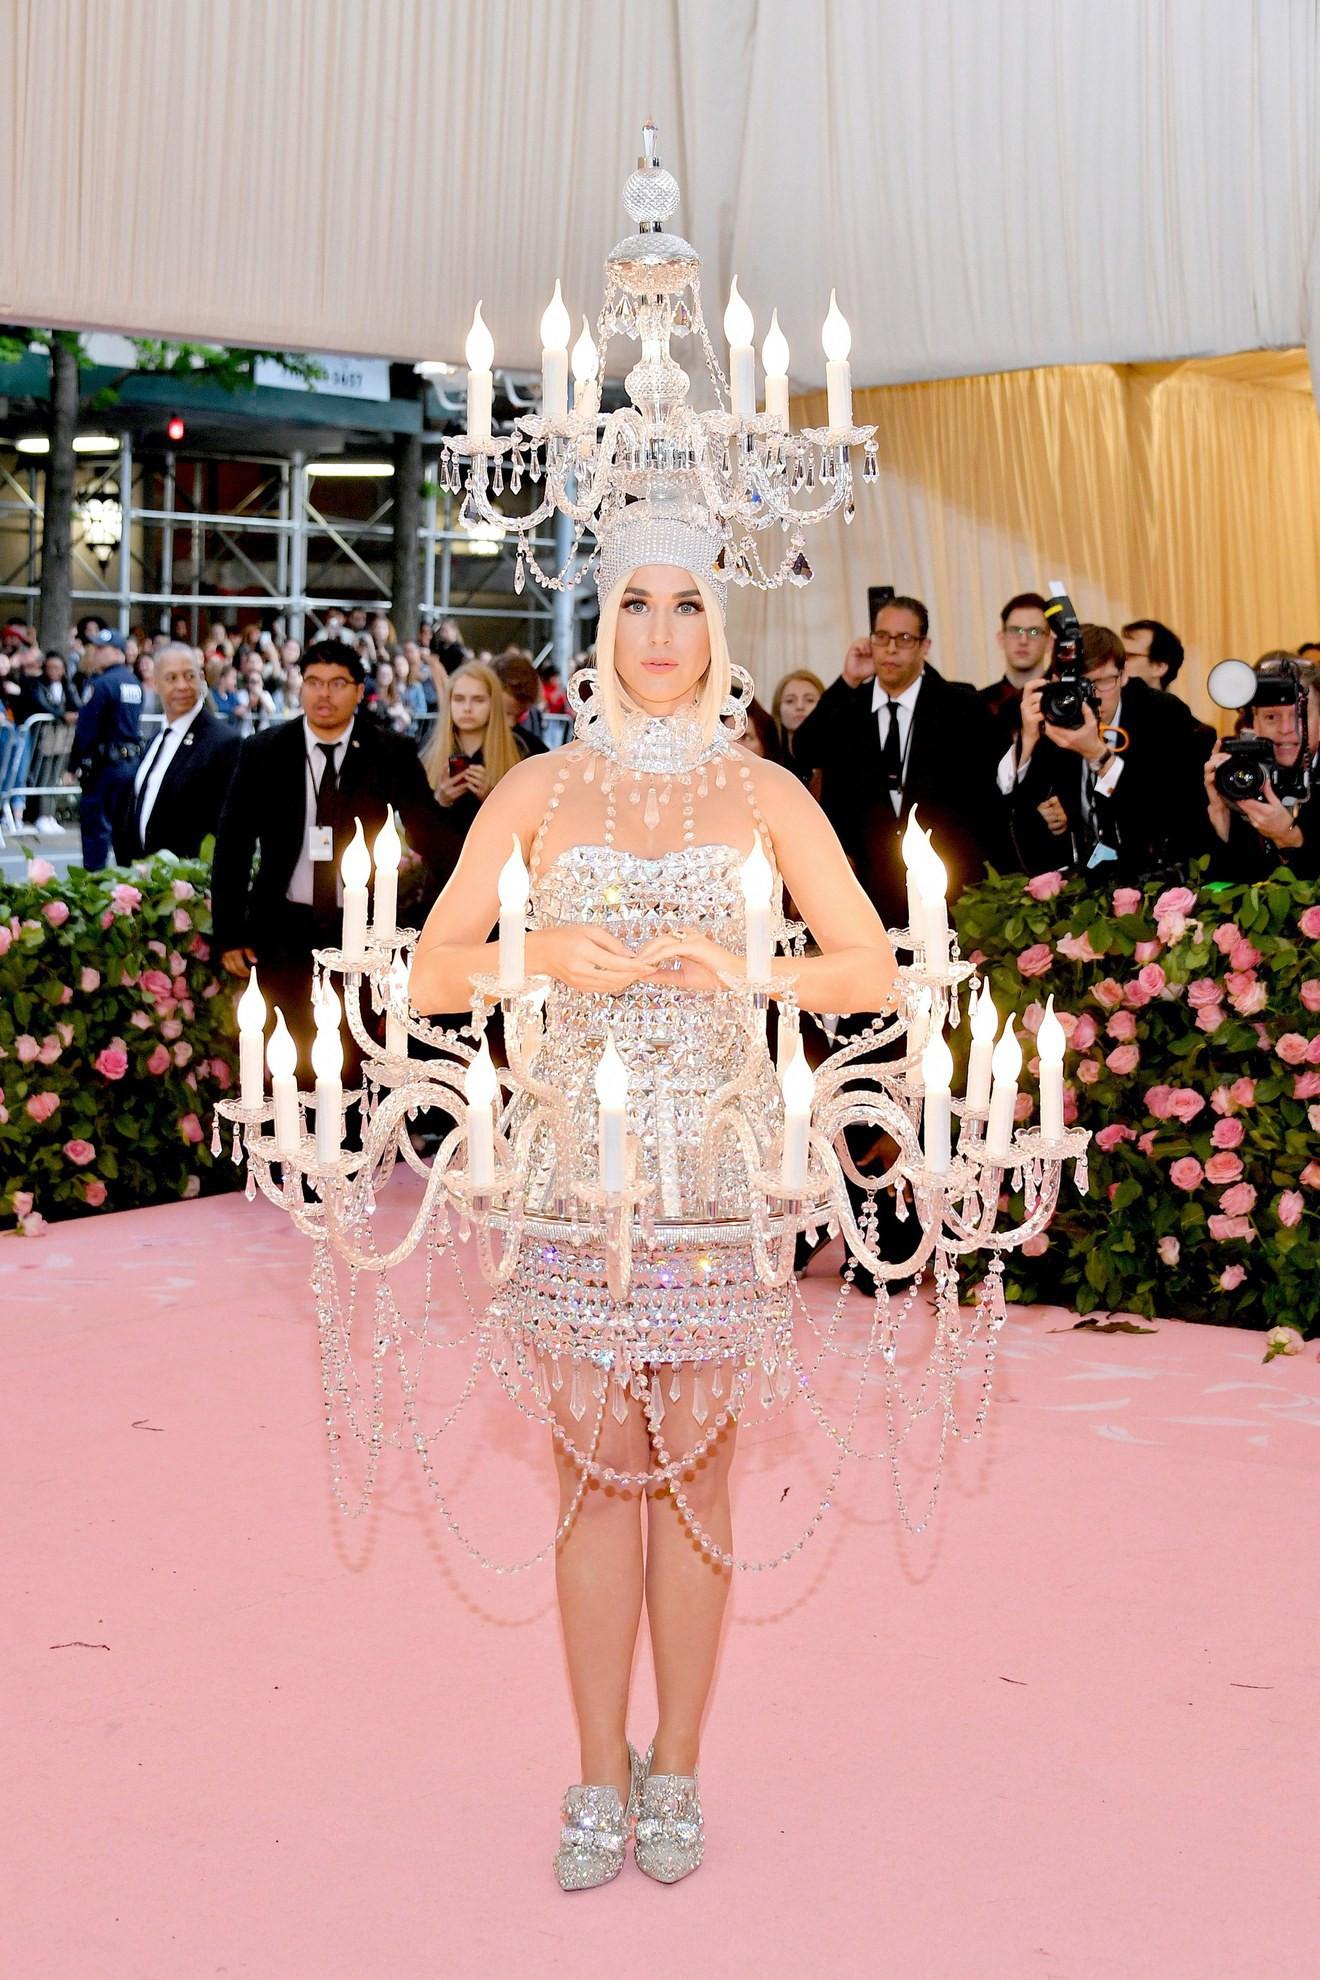 Katy Perry hóa thân thành ...đèn chùm nghĩa đen, chật vật bước đi nhưng vẫn đáp trả cực ngầu